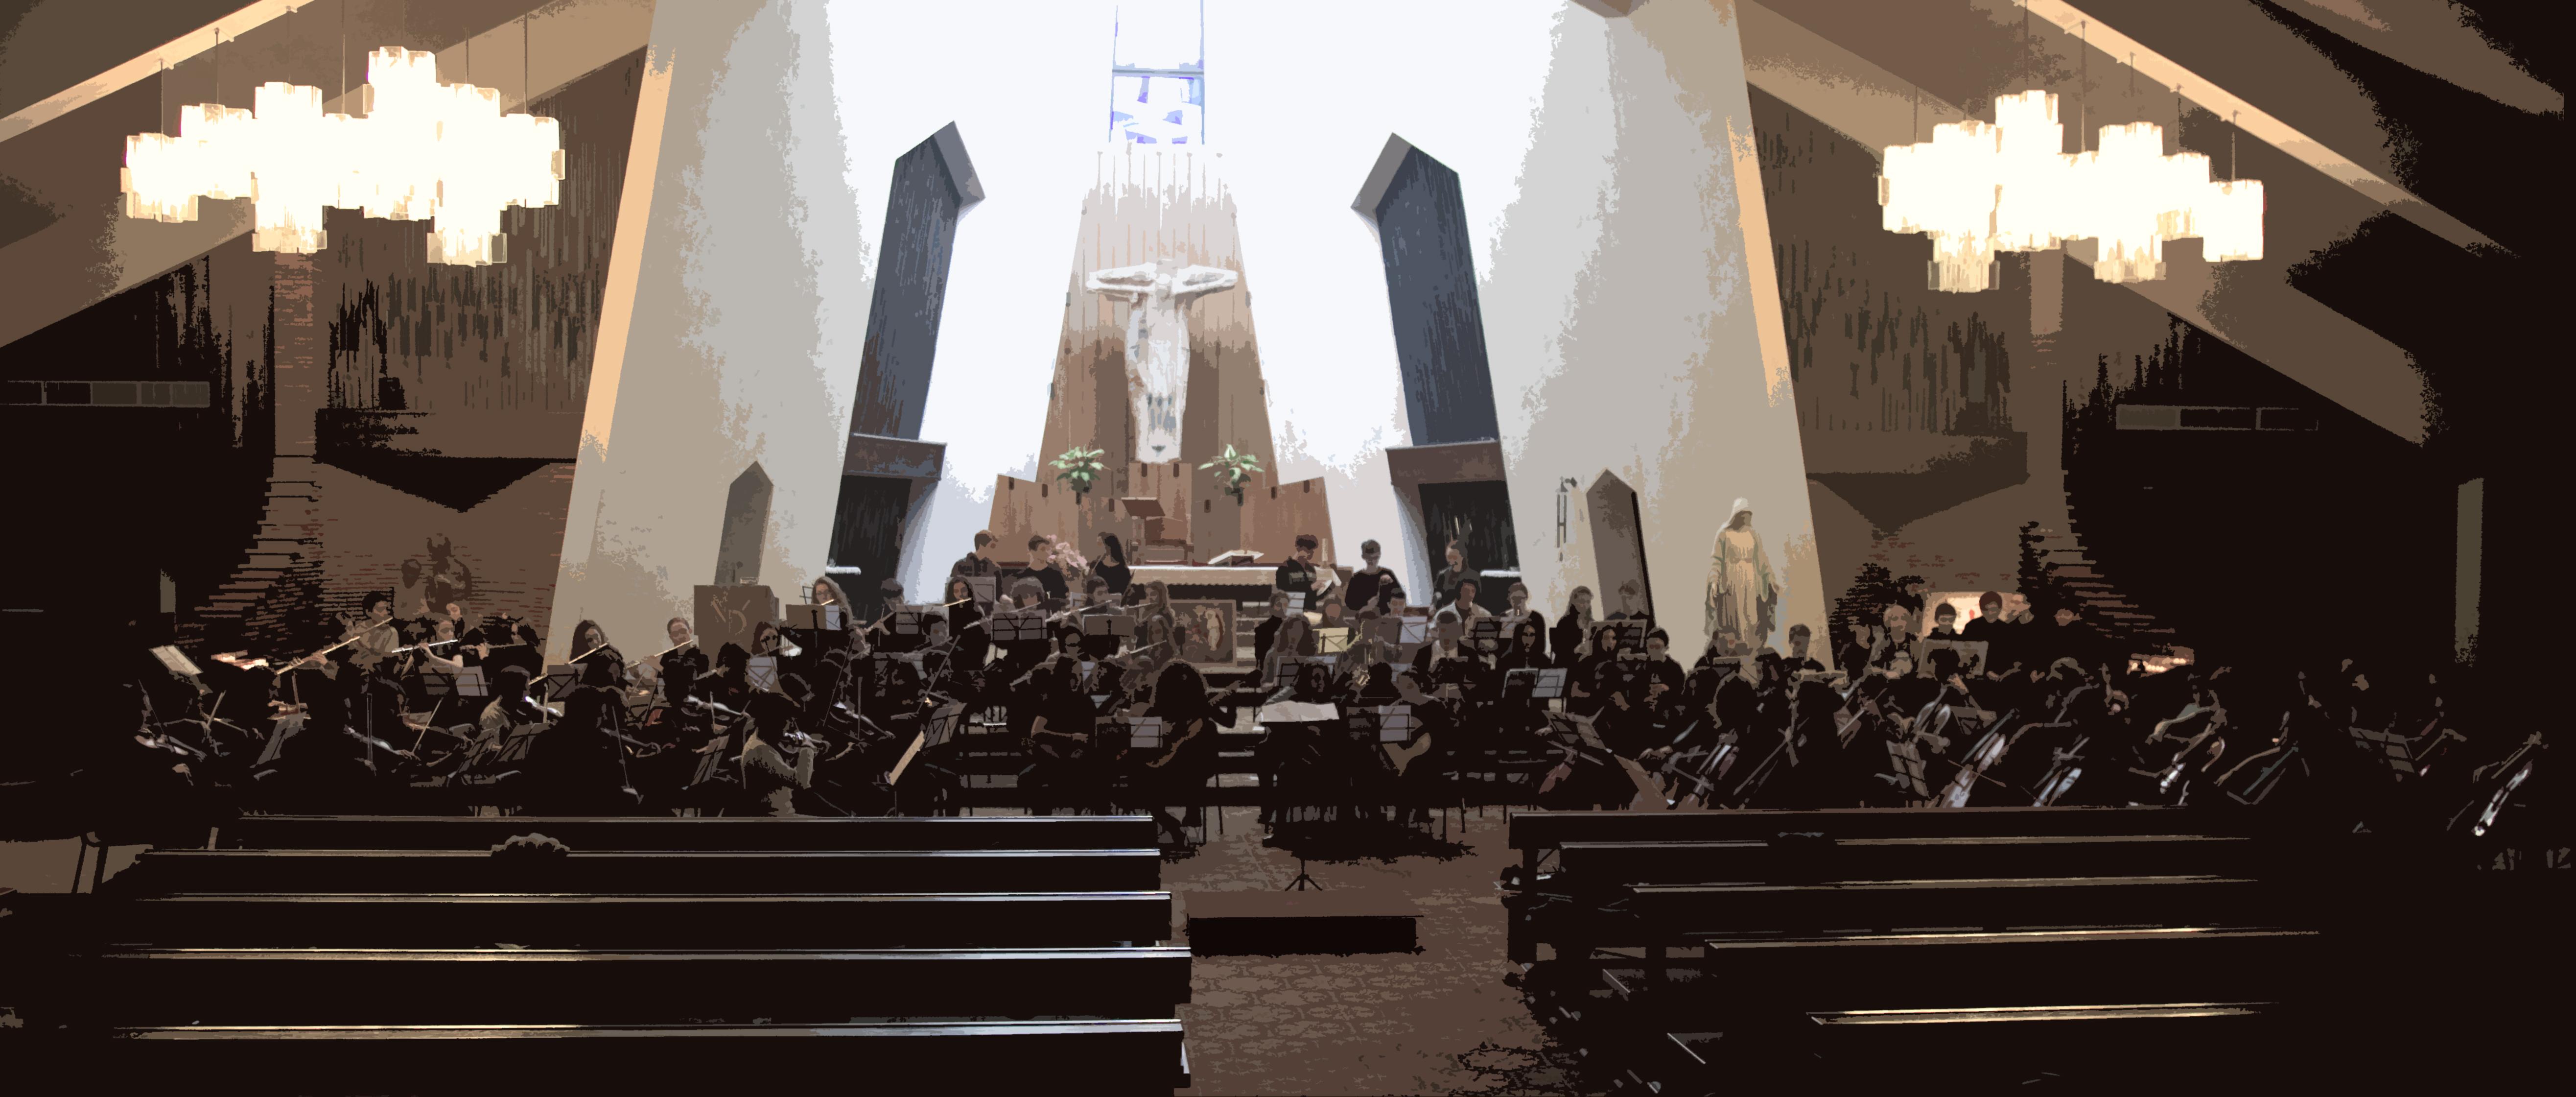 Gemellaggio dell'Orchestra Giovanile Comasca con I.C. Stoppani di Seregno